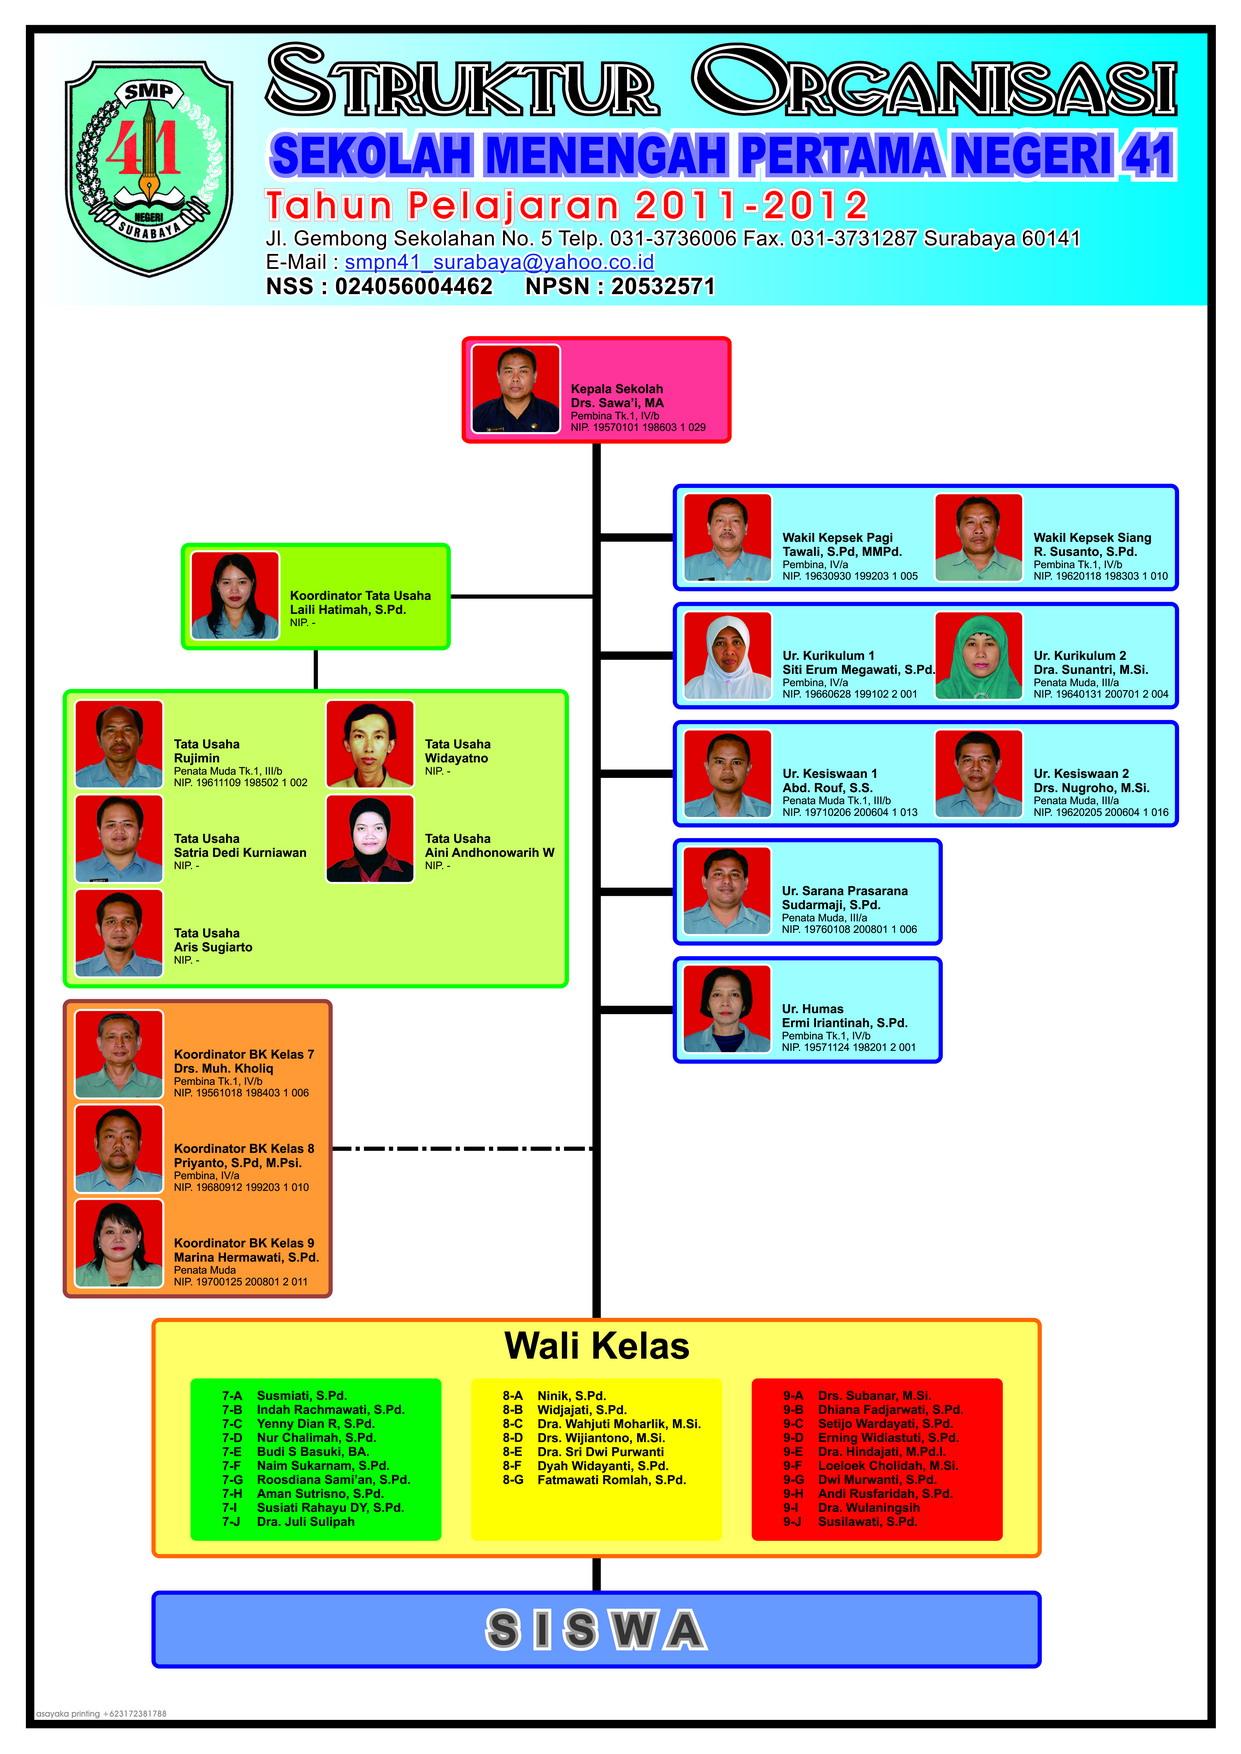 struktur organisasi smpn 41 sby republik smpn 41 sby Struktur Organisasi Agama tinggalkan balasan batalkan balasan